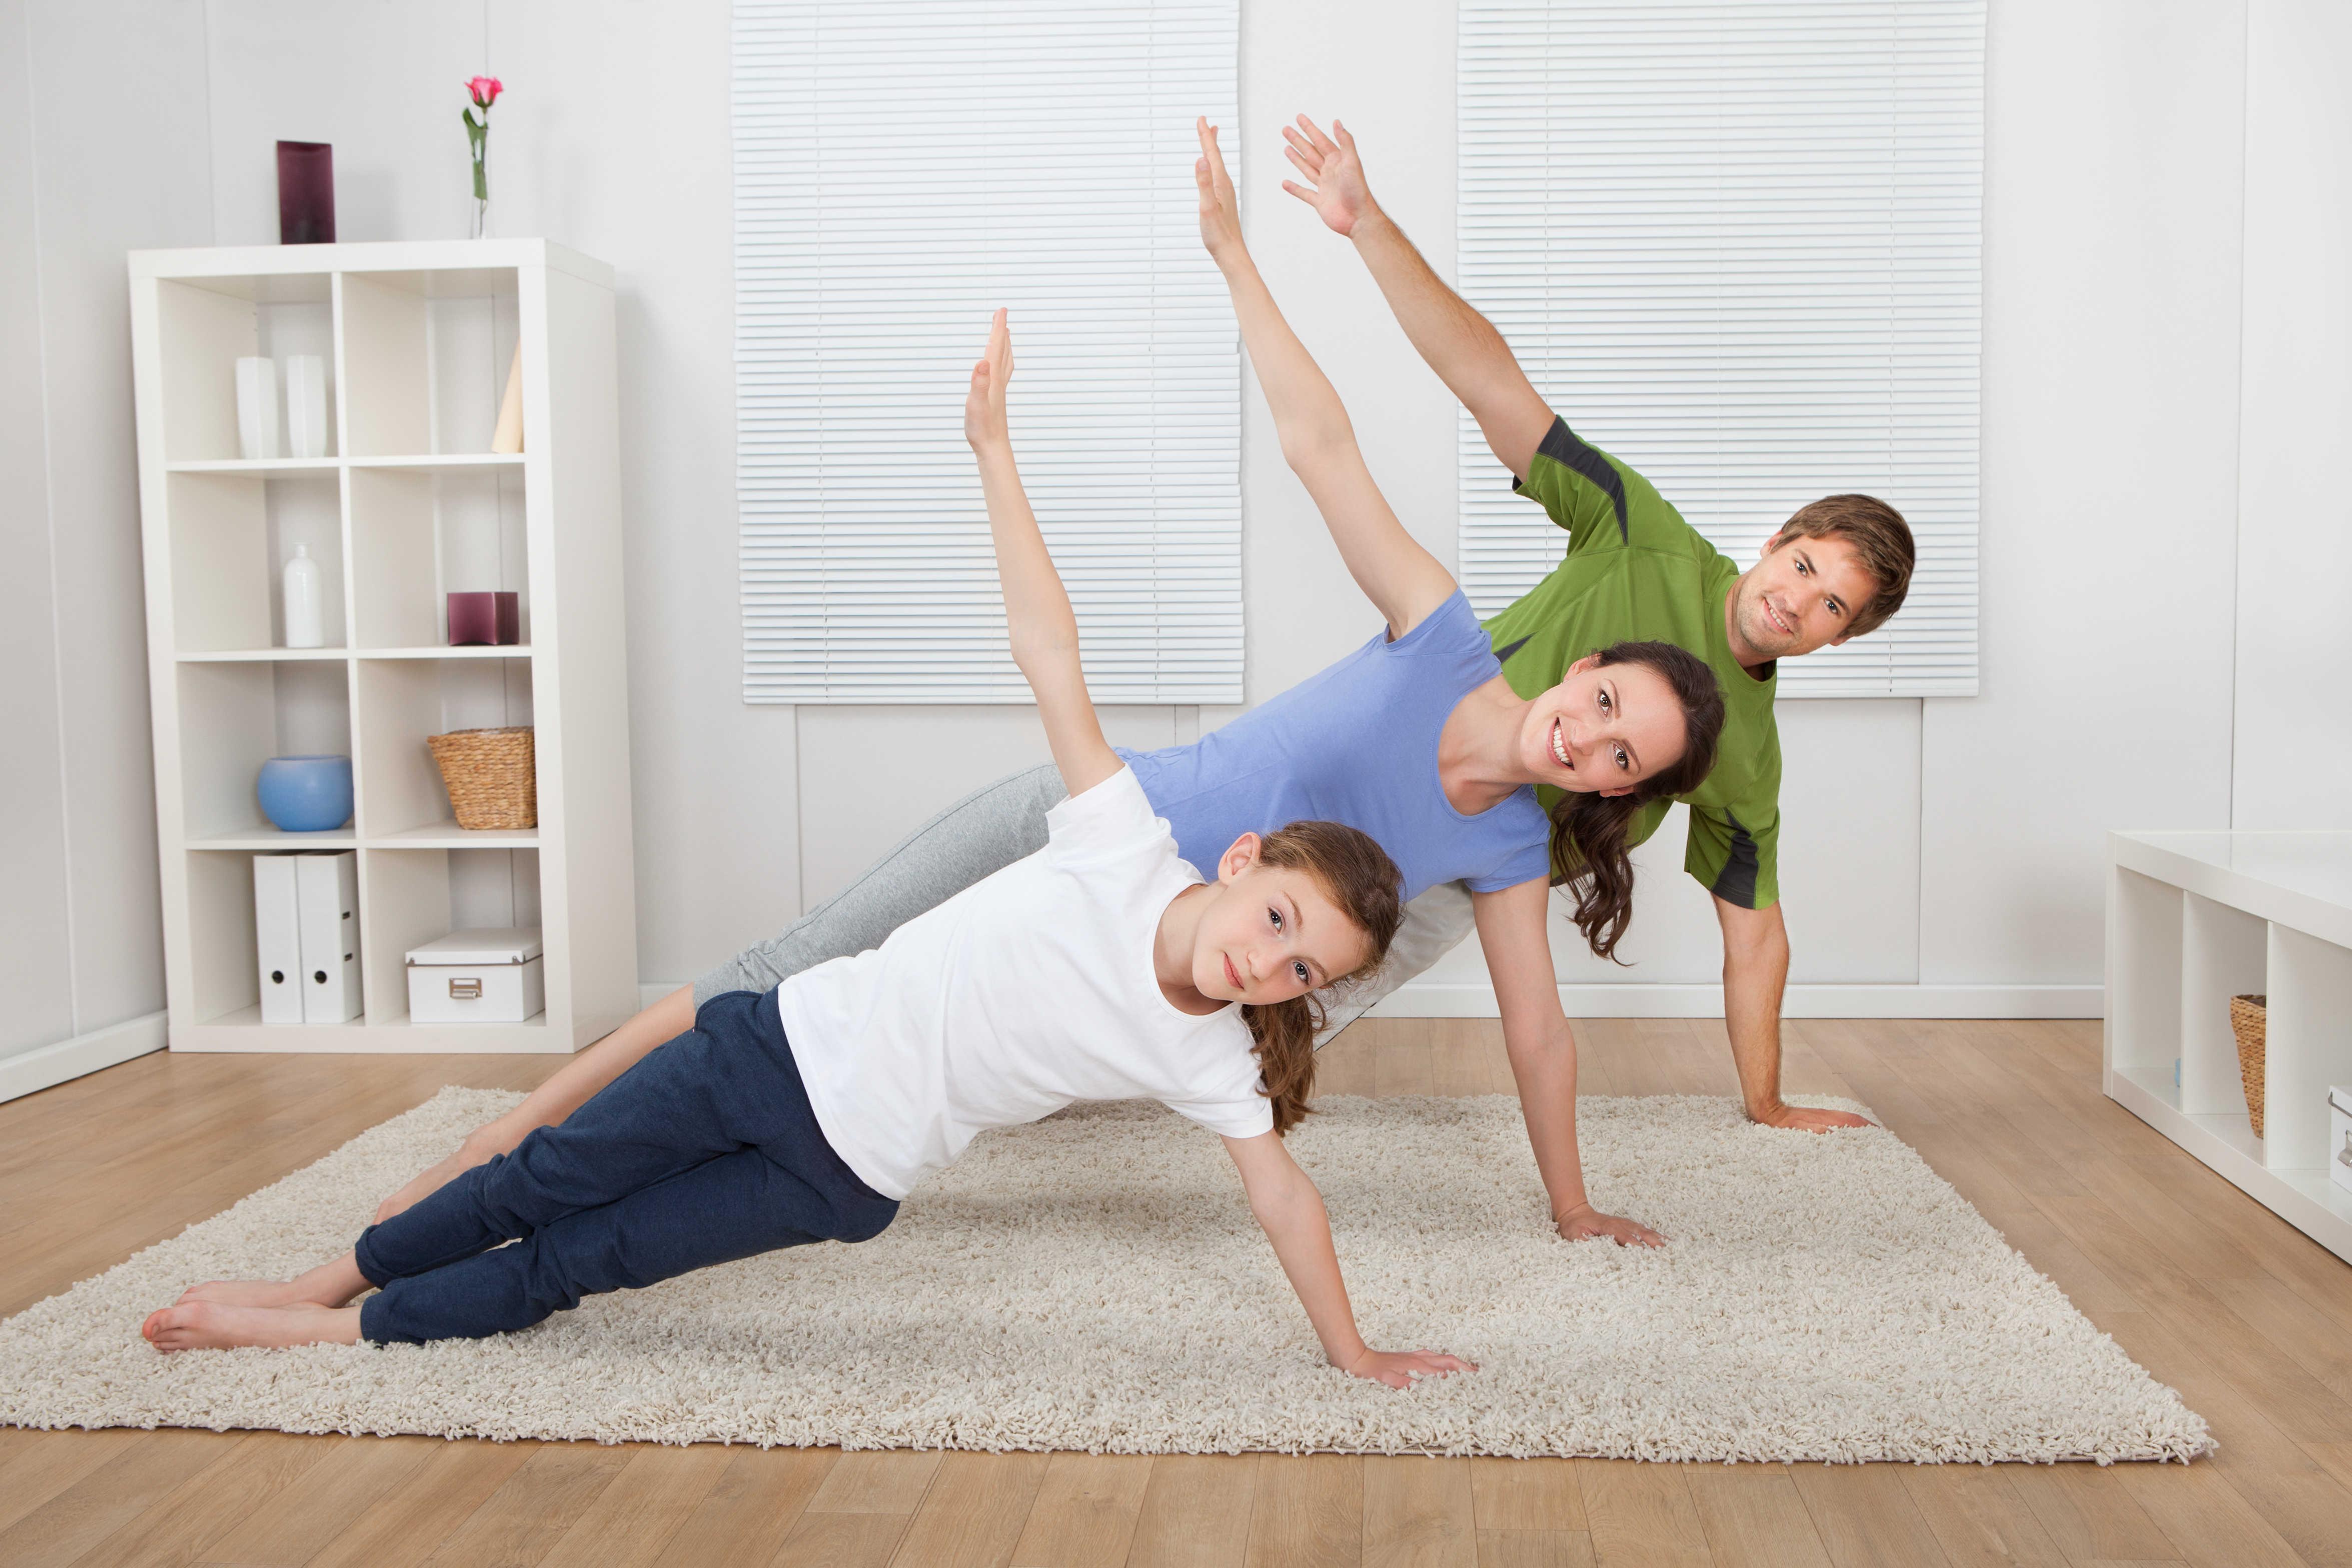 אימון כושר משפחתי בסלון